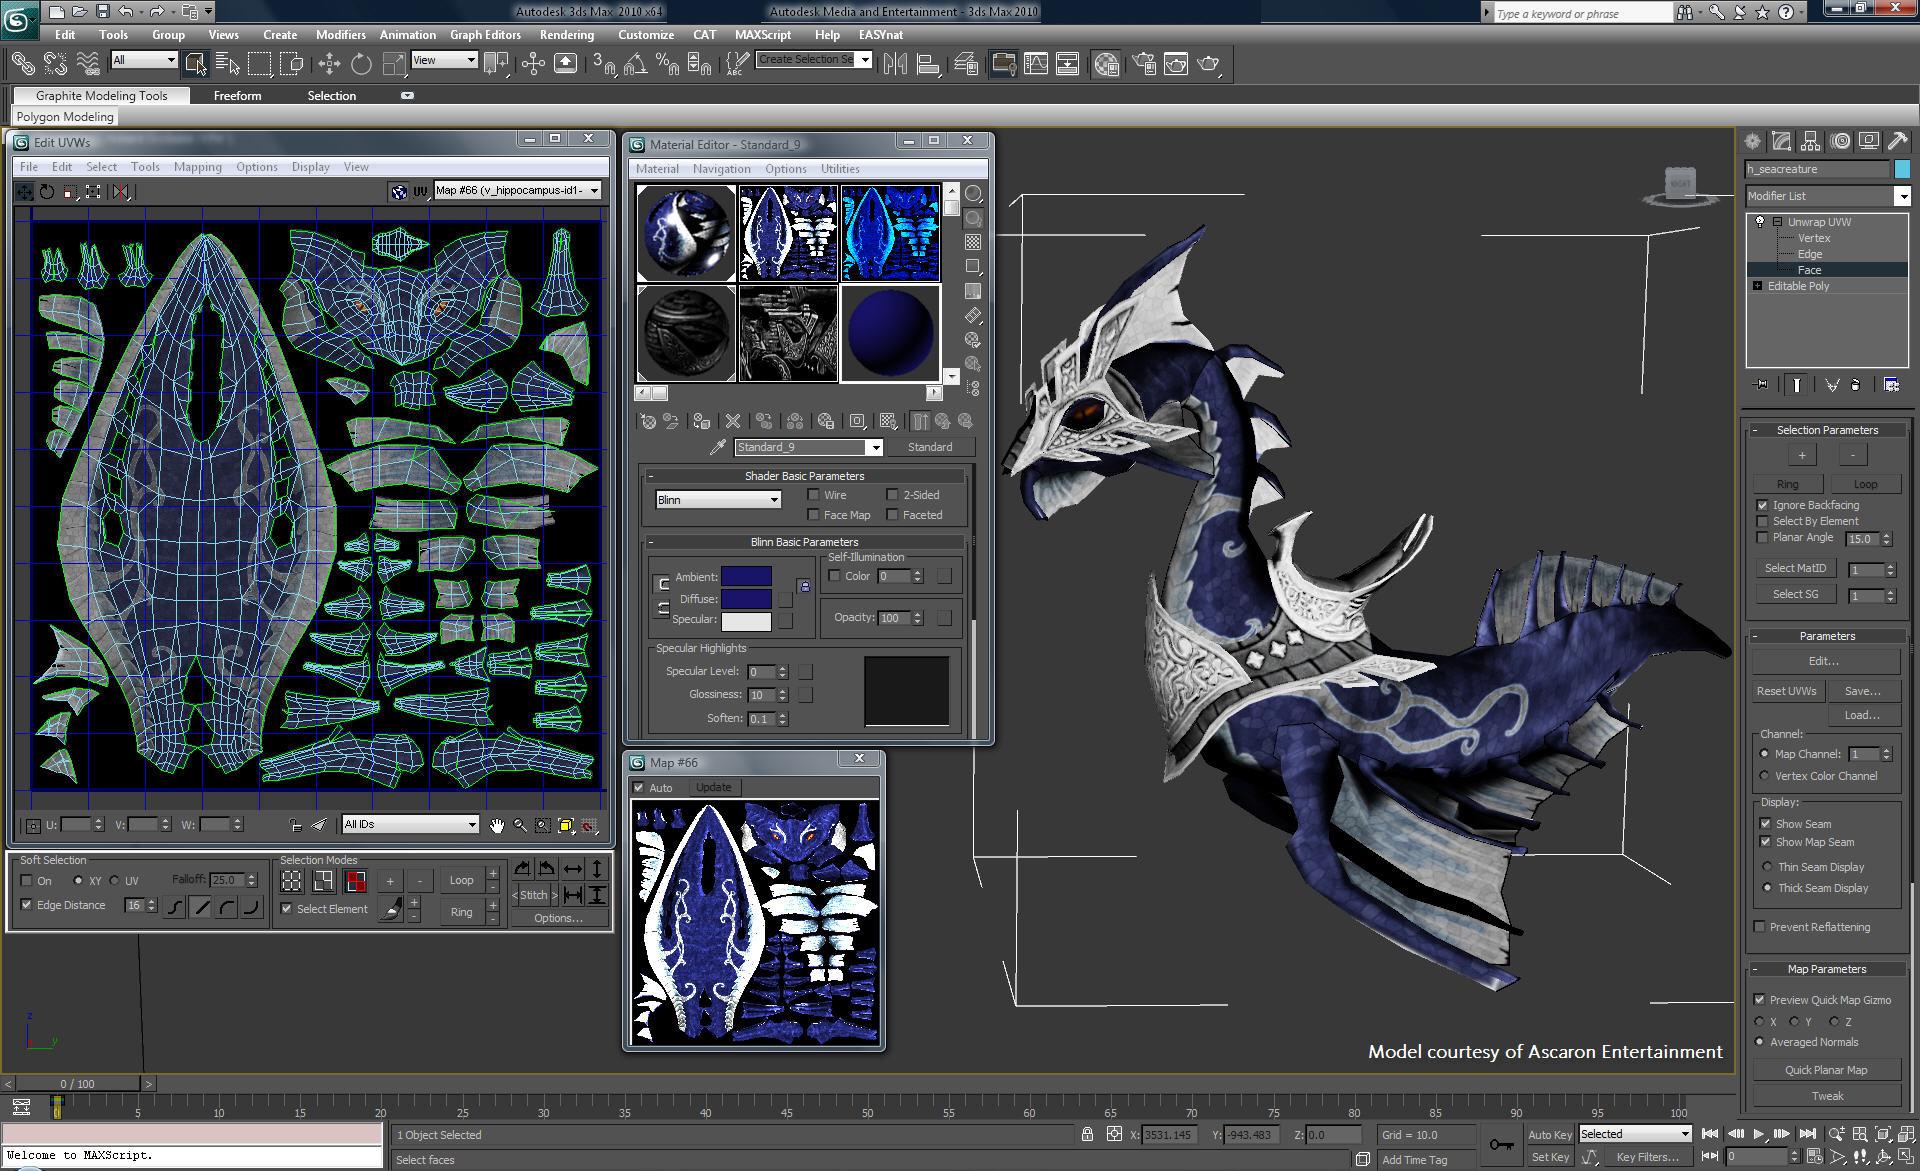 ก้าวสู่โลกคอมพิวเตอร์กราฟิก, 3D Animation และ 3ds Max